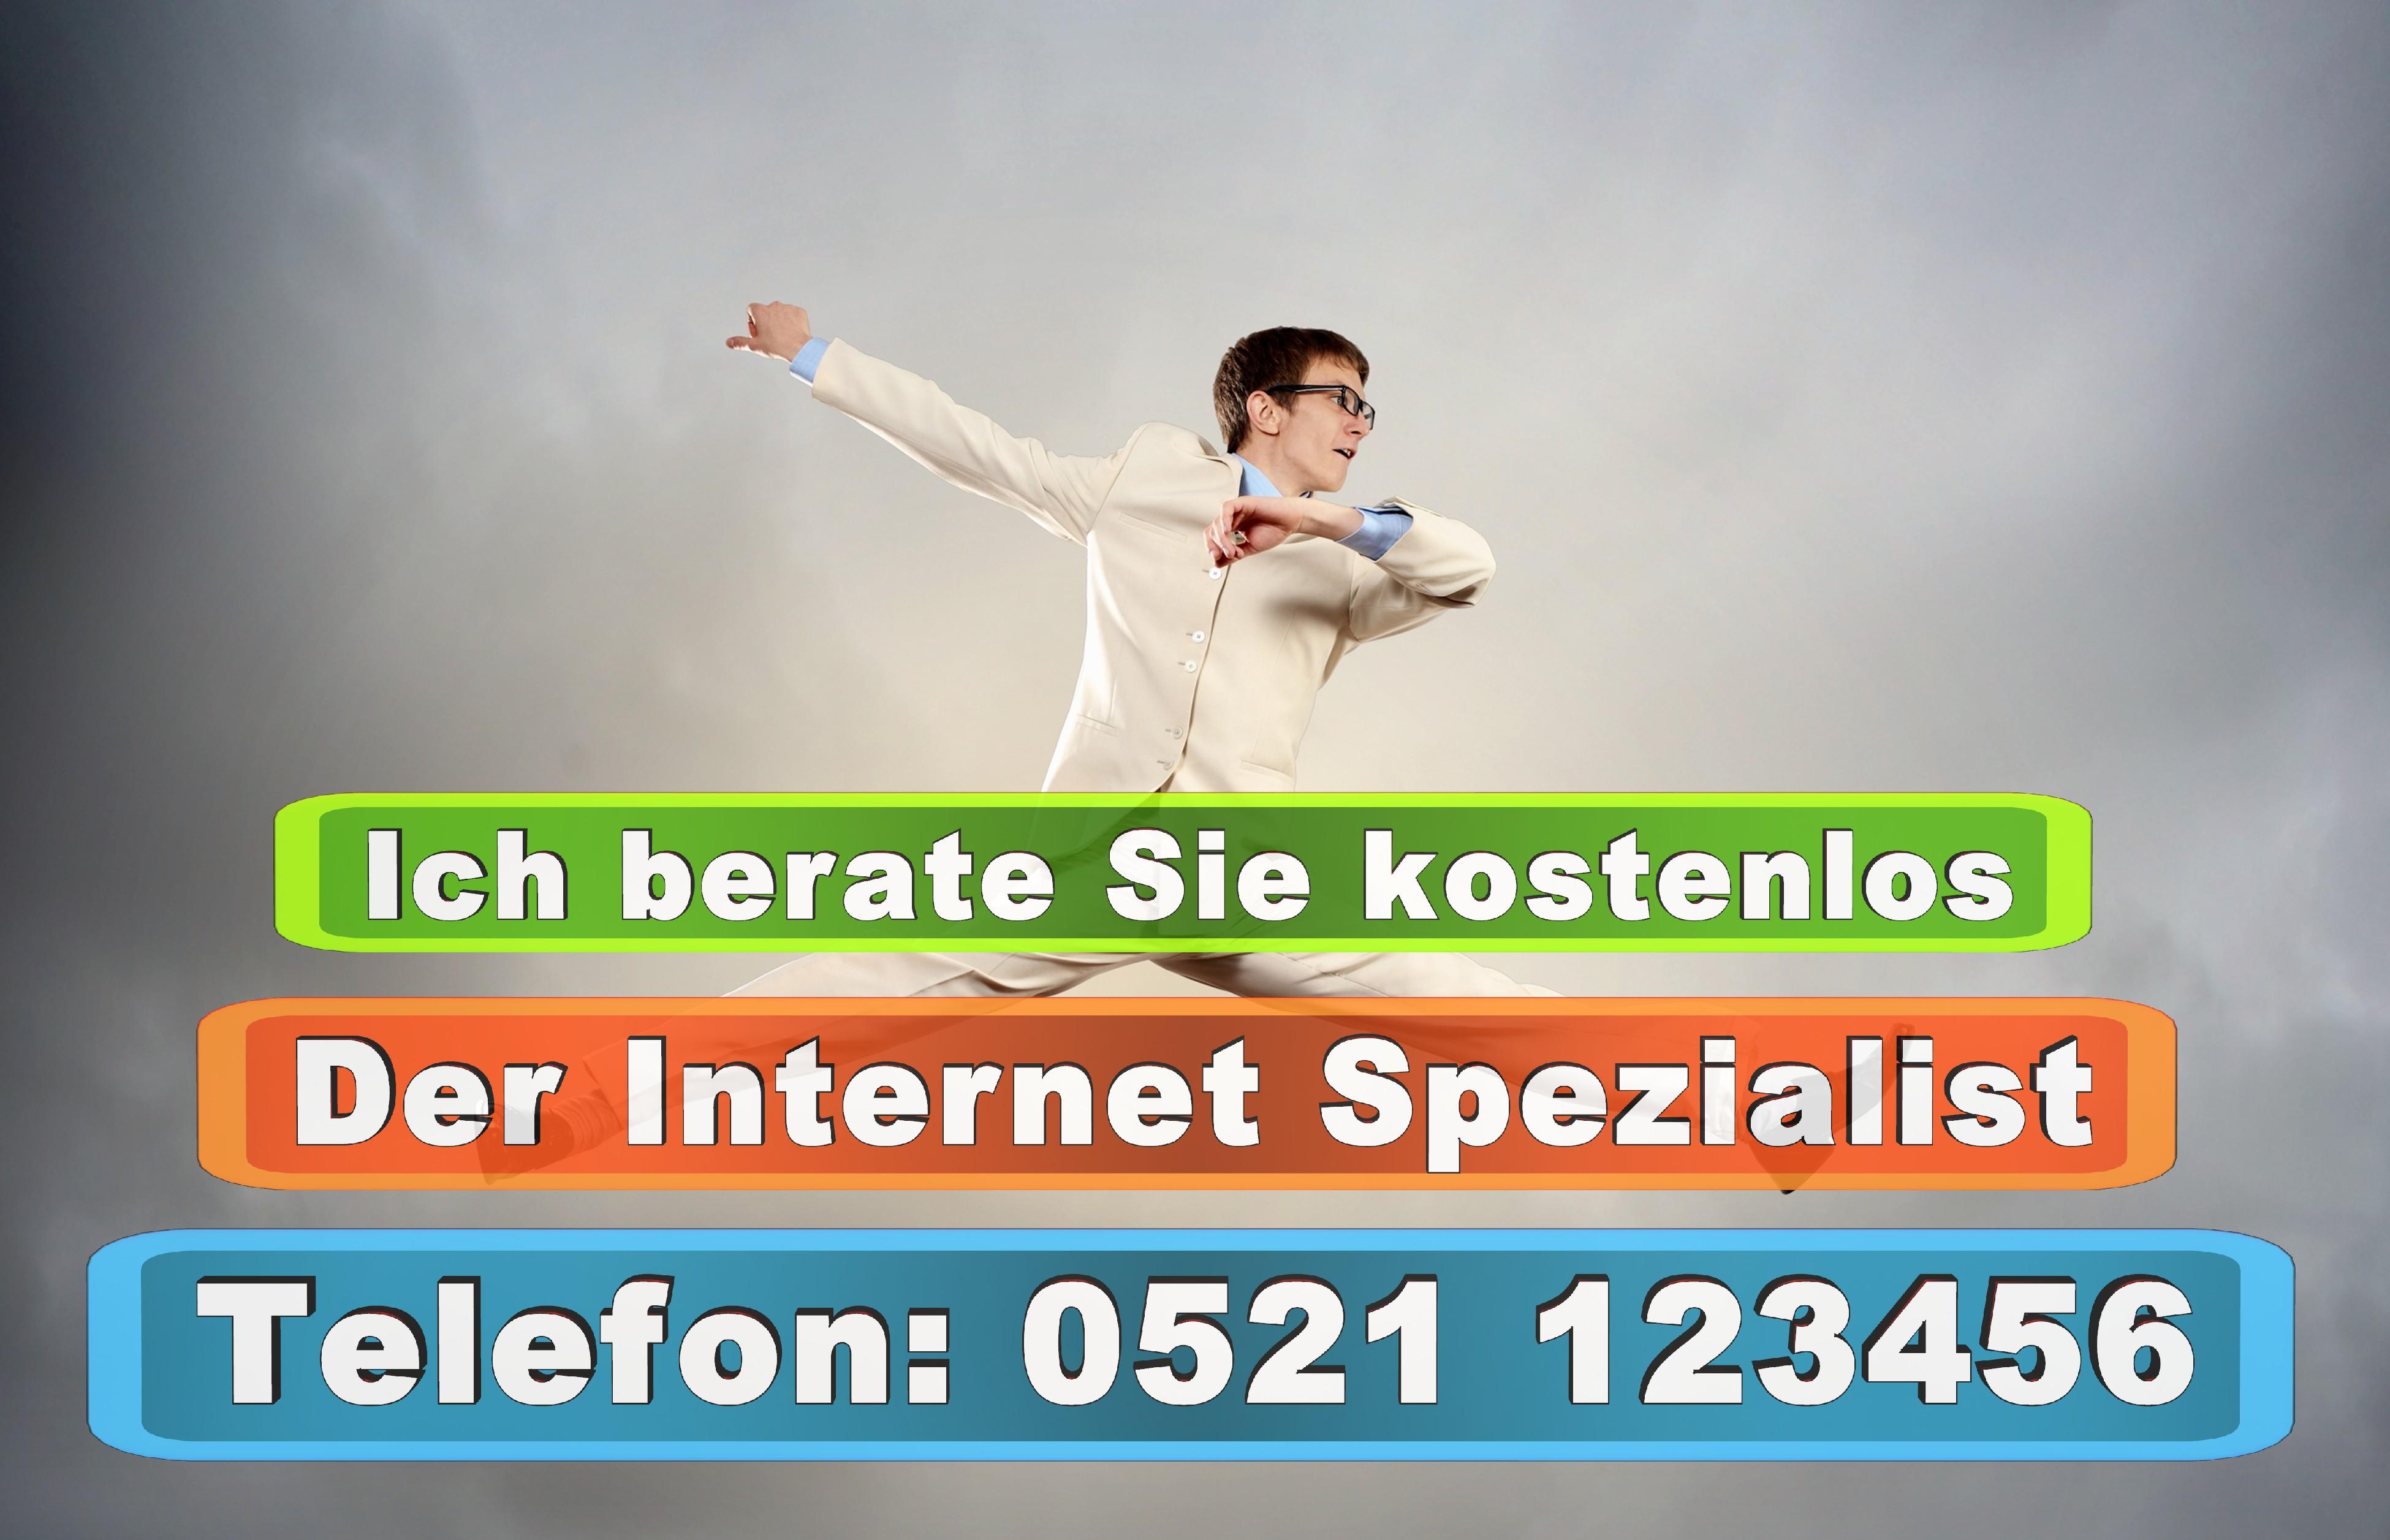 Bielefeld Werbeagenturen Druckereien Werbeplakate Print Druck Internet Computer Grafiker Designer Mode Geschäfte Bekleidung (1)